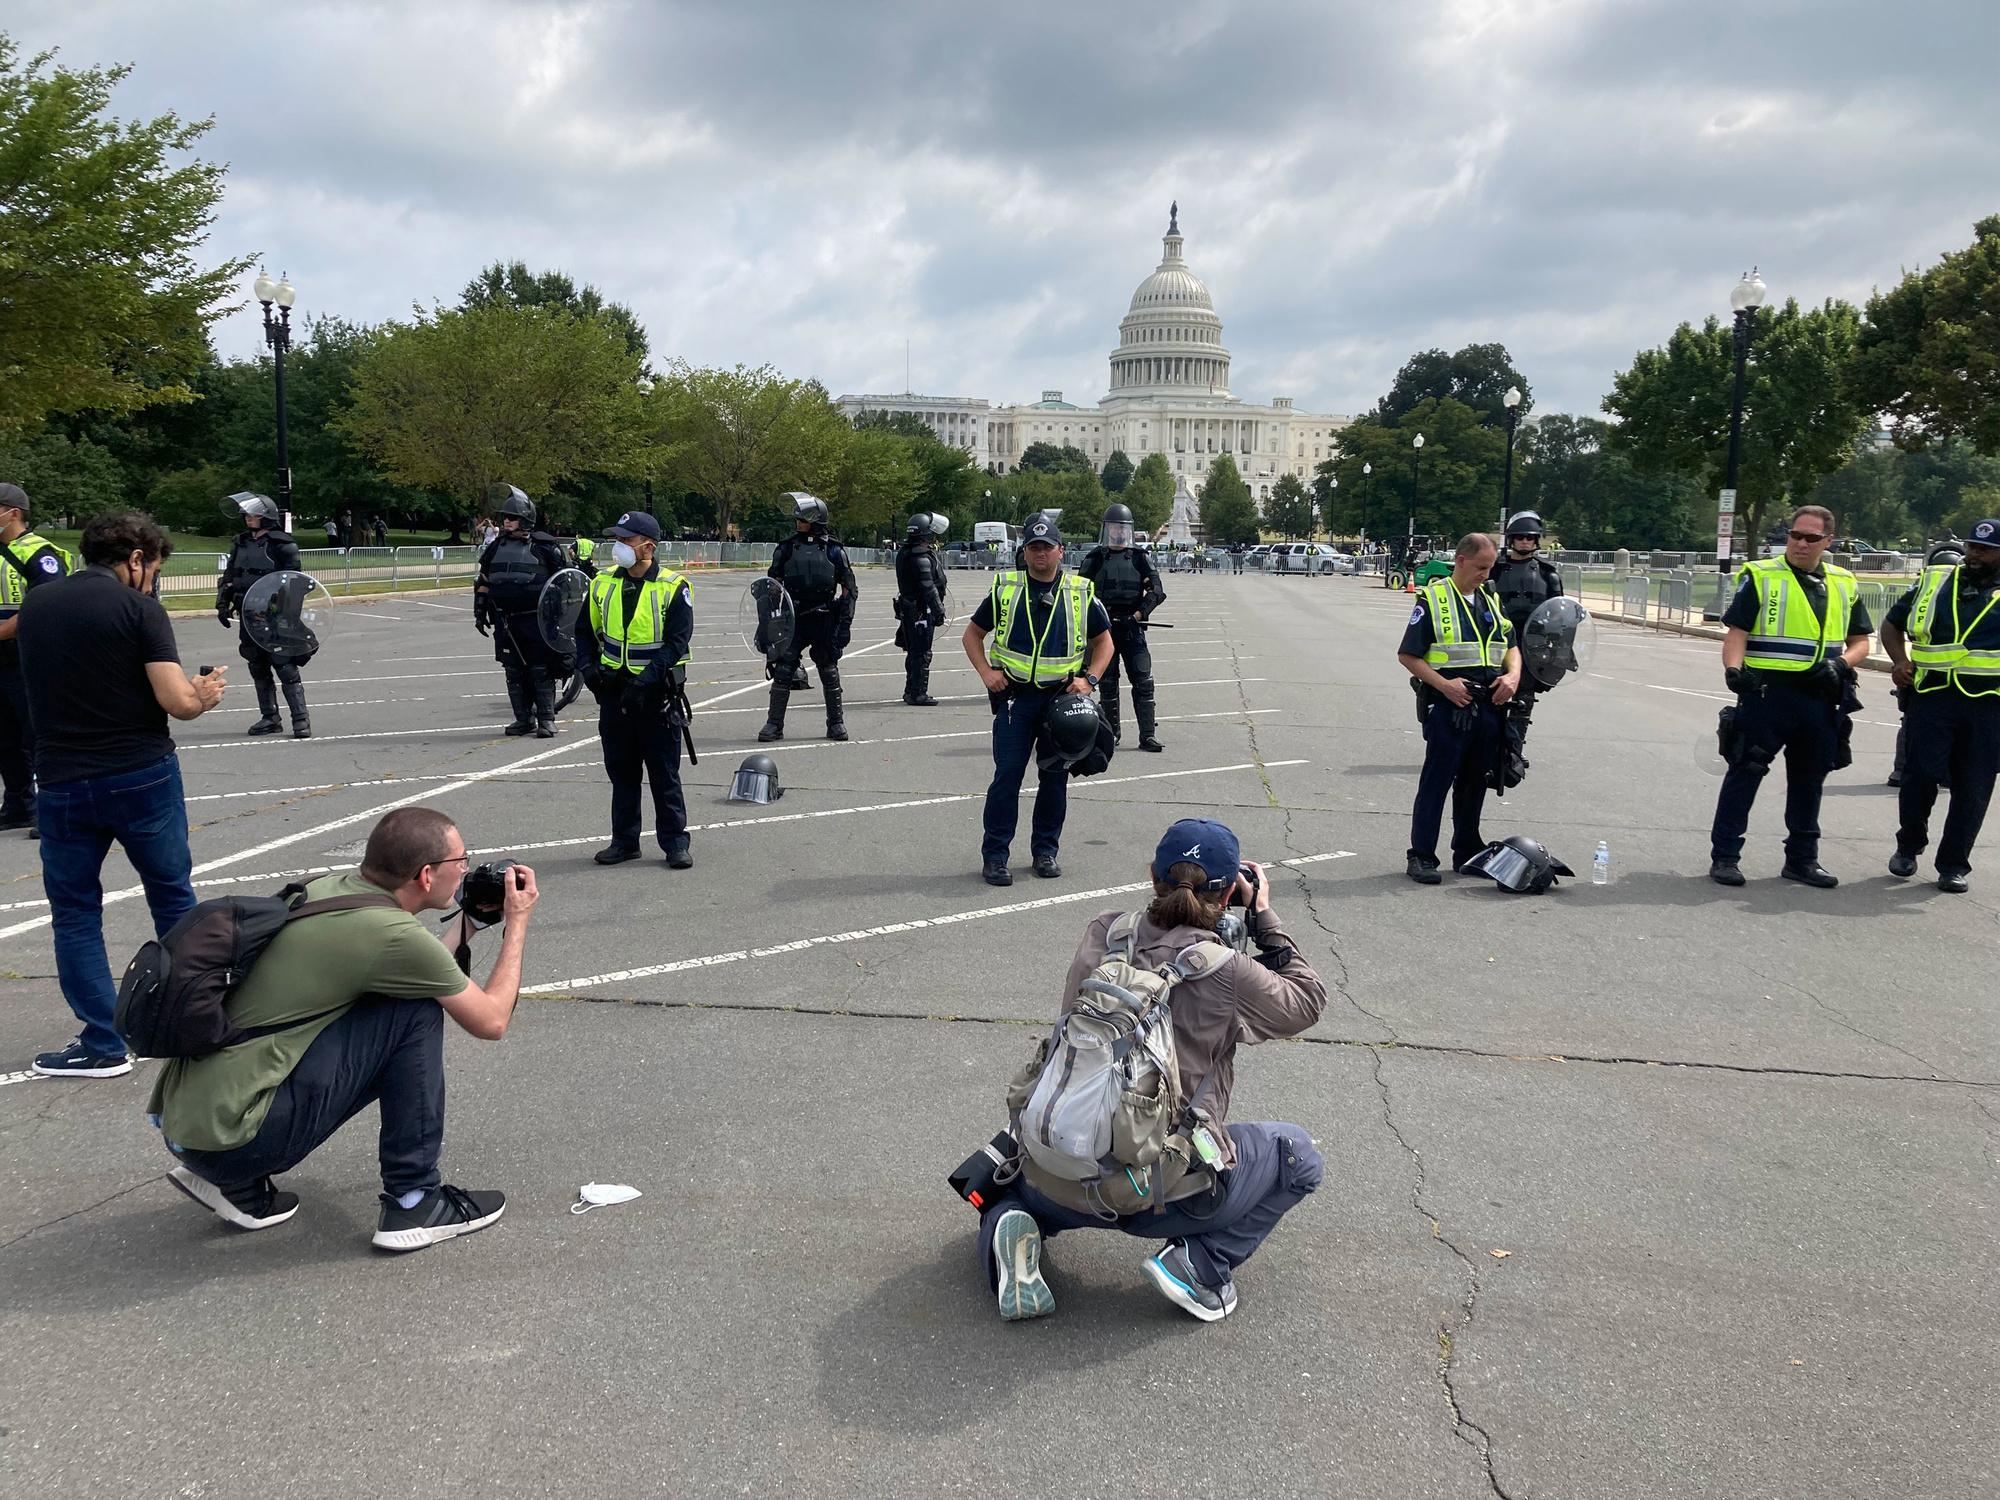 Meer politie om te fotograferen dan betogers, rr